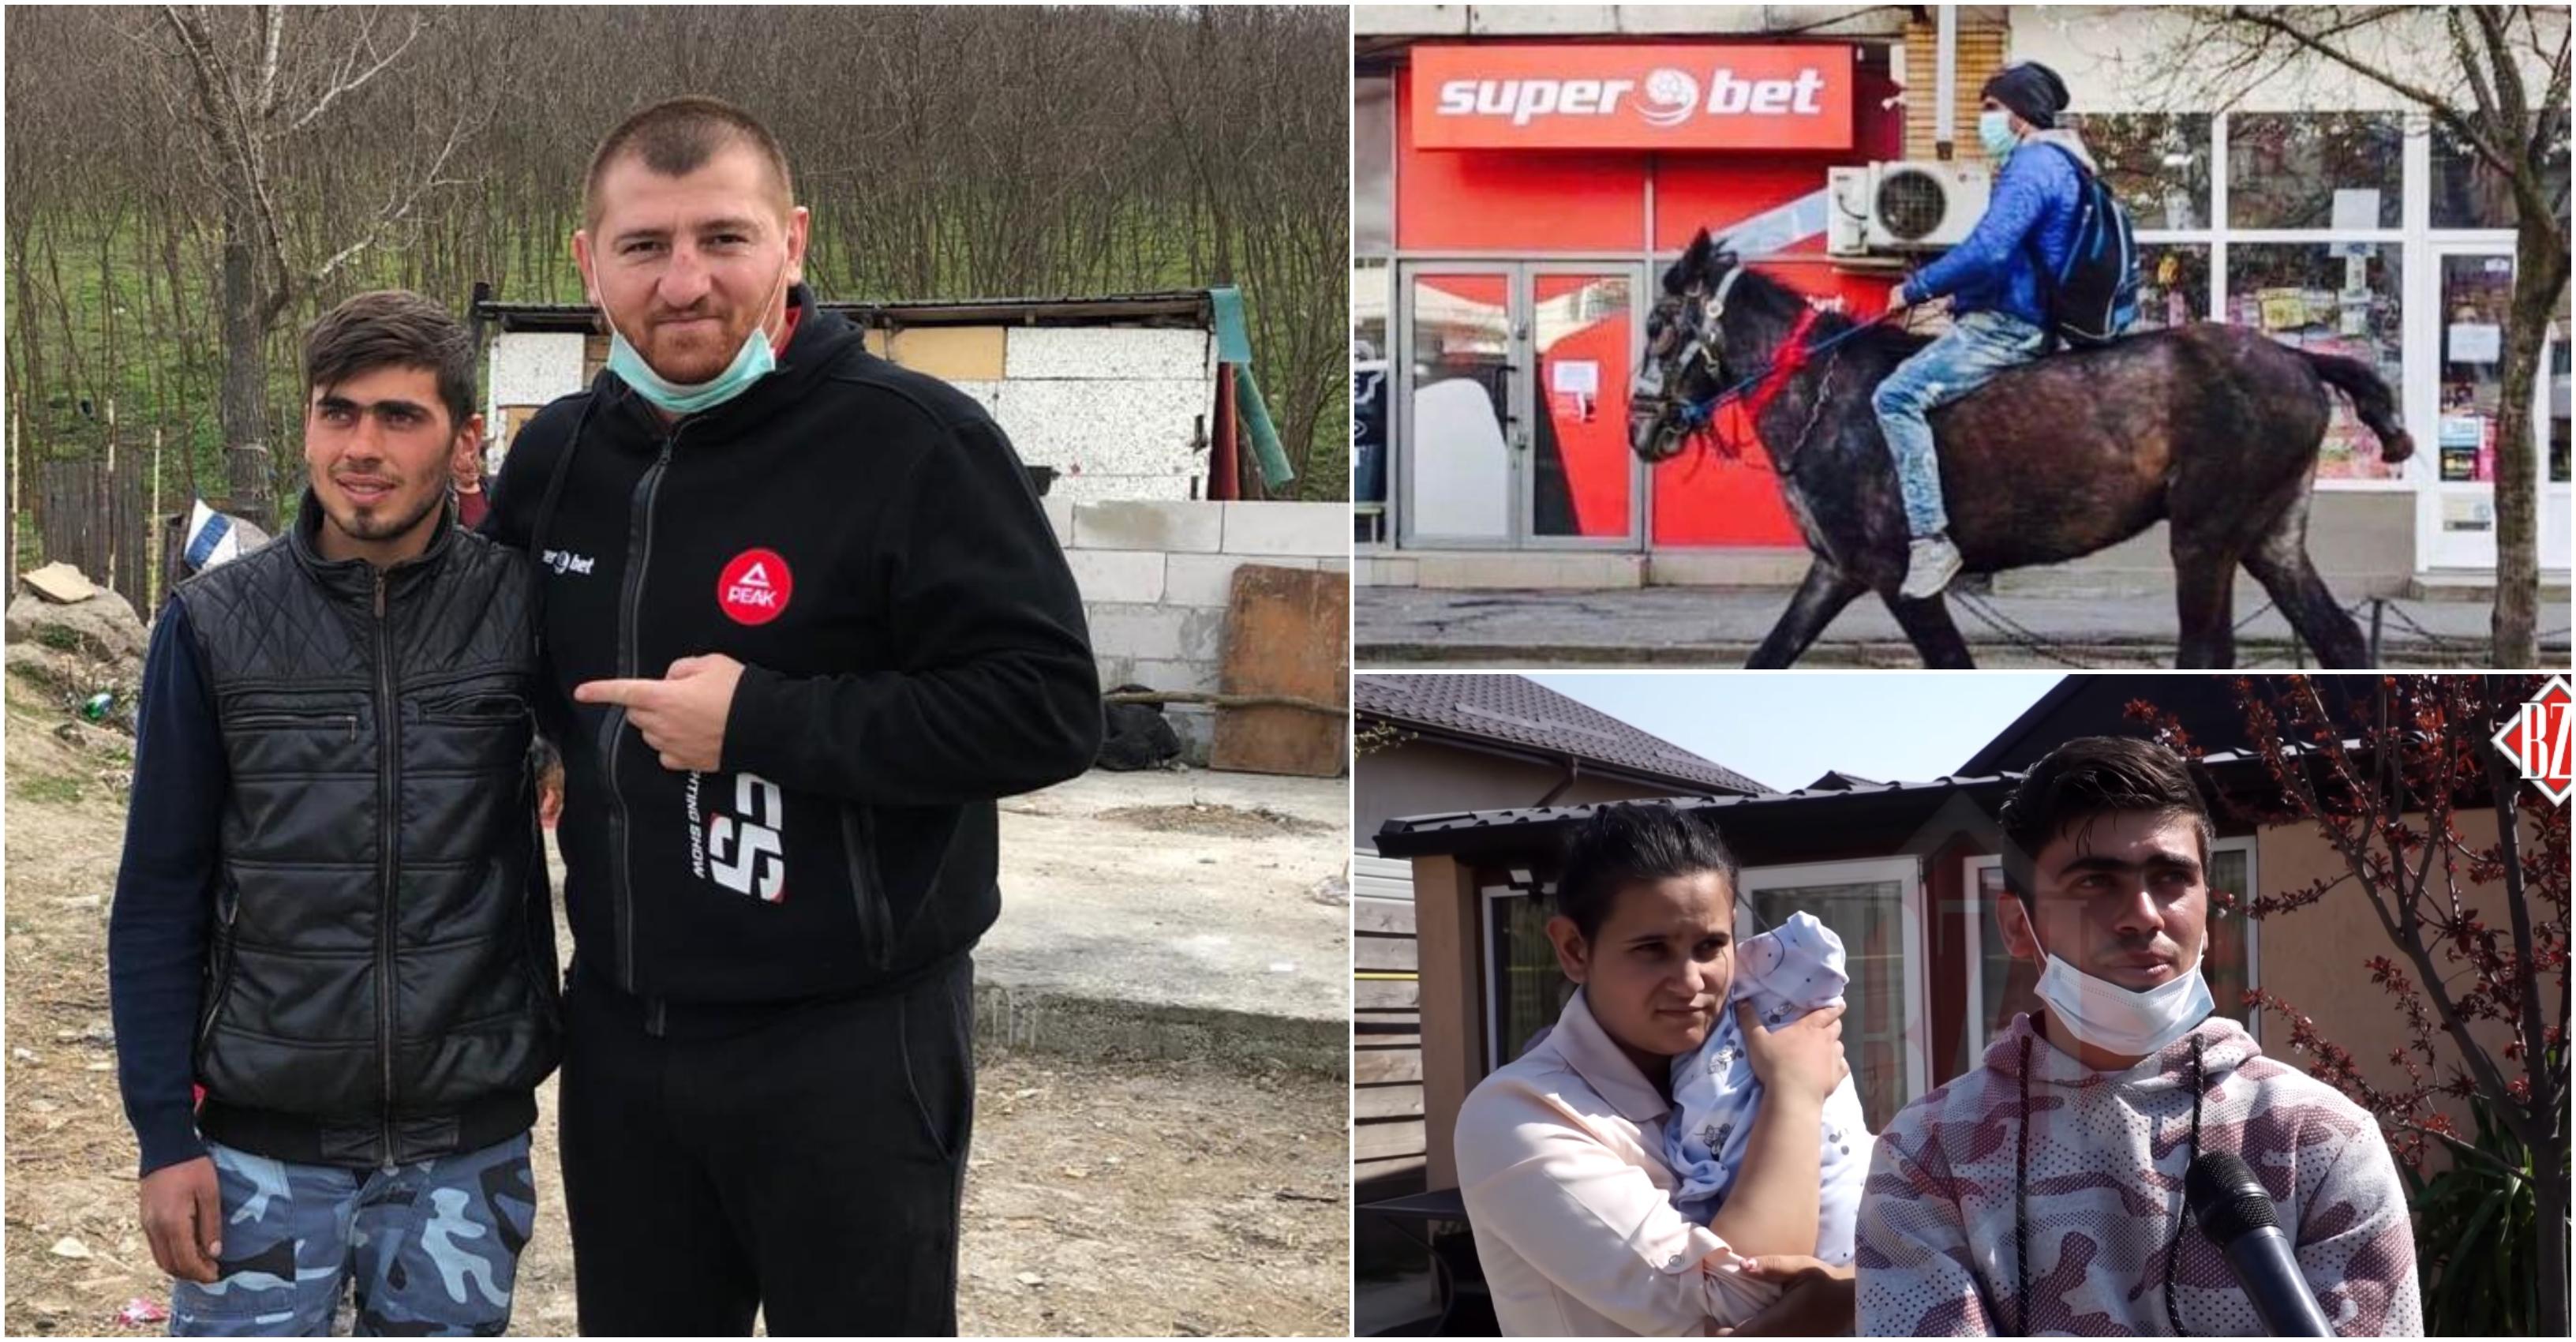 Tăticul călăreț, anchetat de polițiști. Bărbatul ajutat de Moroșanu nu a mai fost văzut în casa primită cadou | Demamici.ro